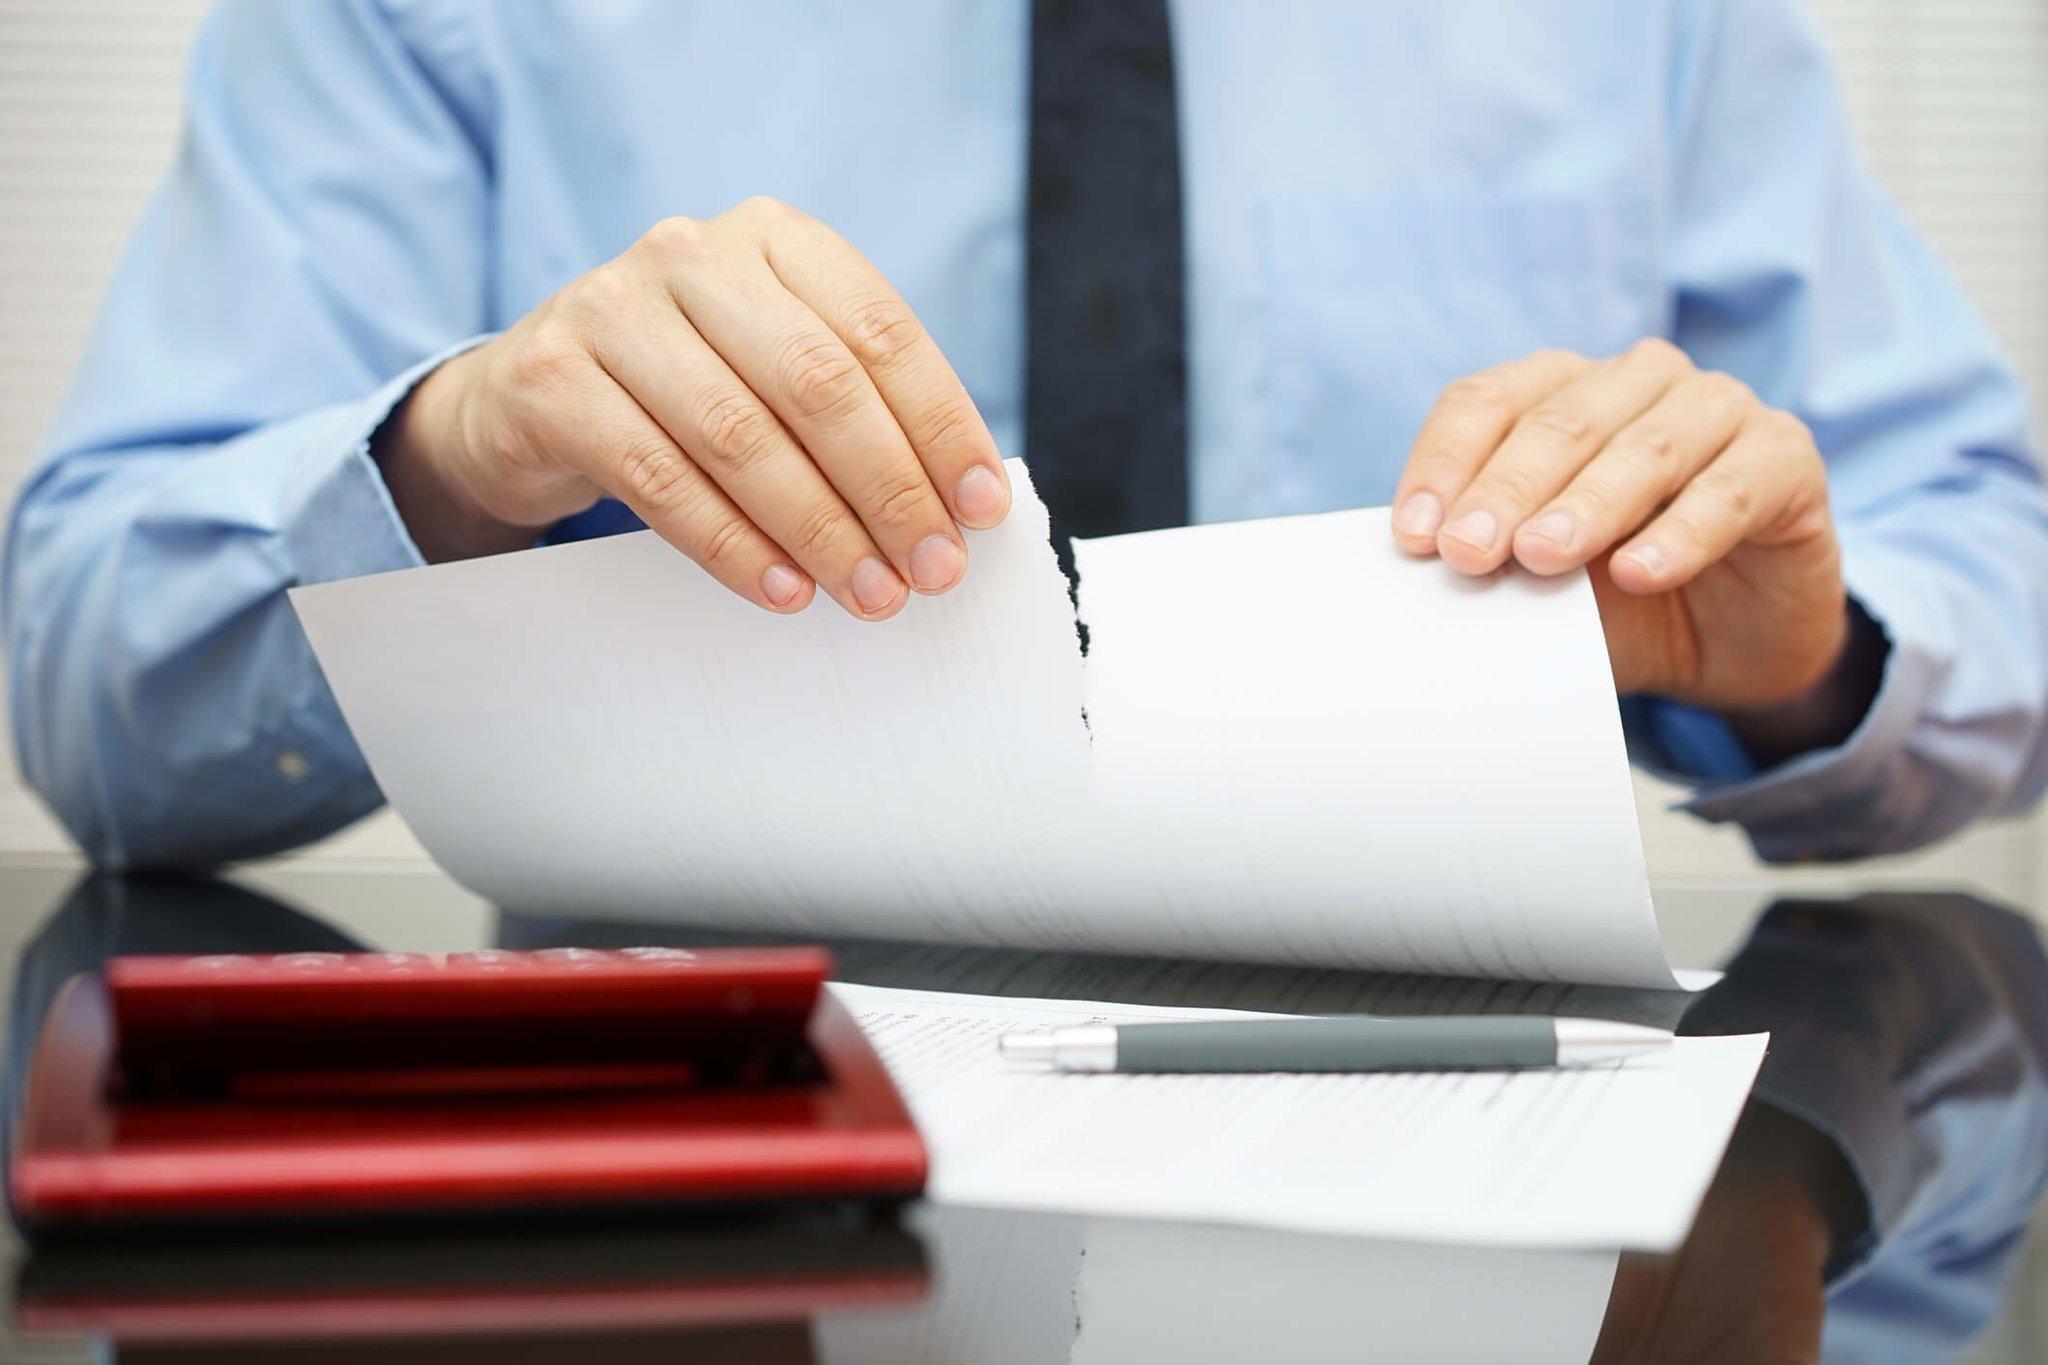 Сервис центр инвест онлайн банк как скачать